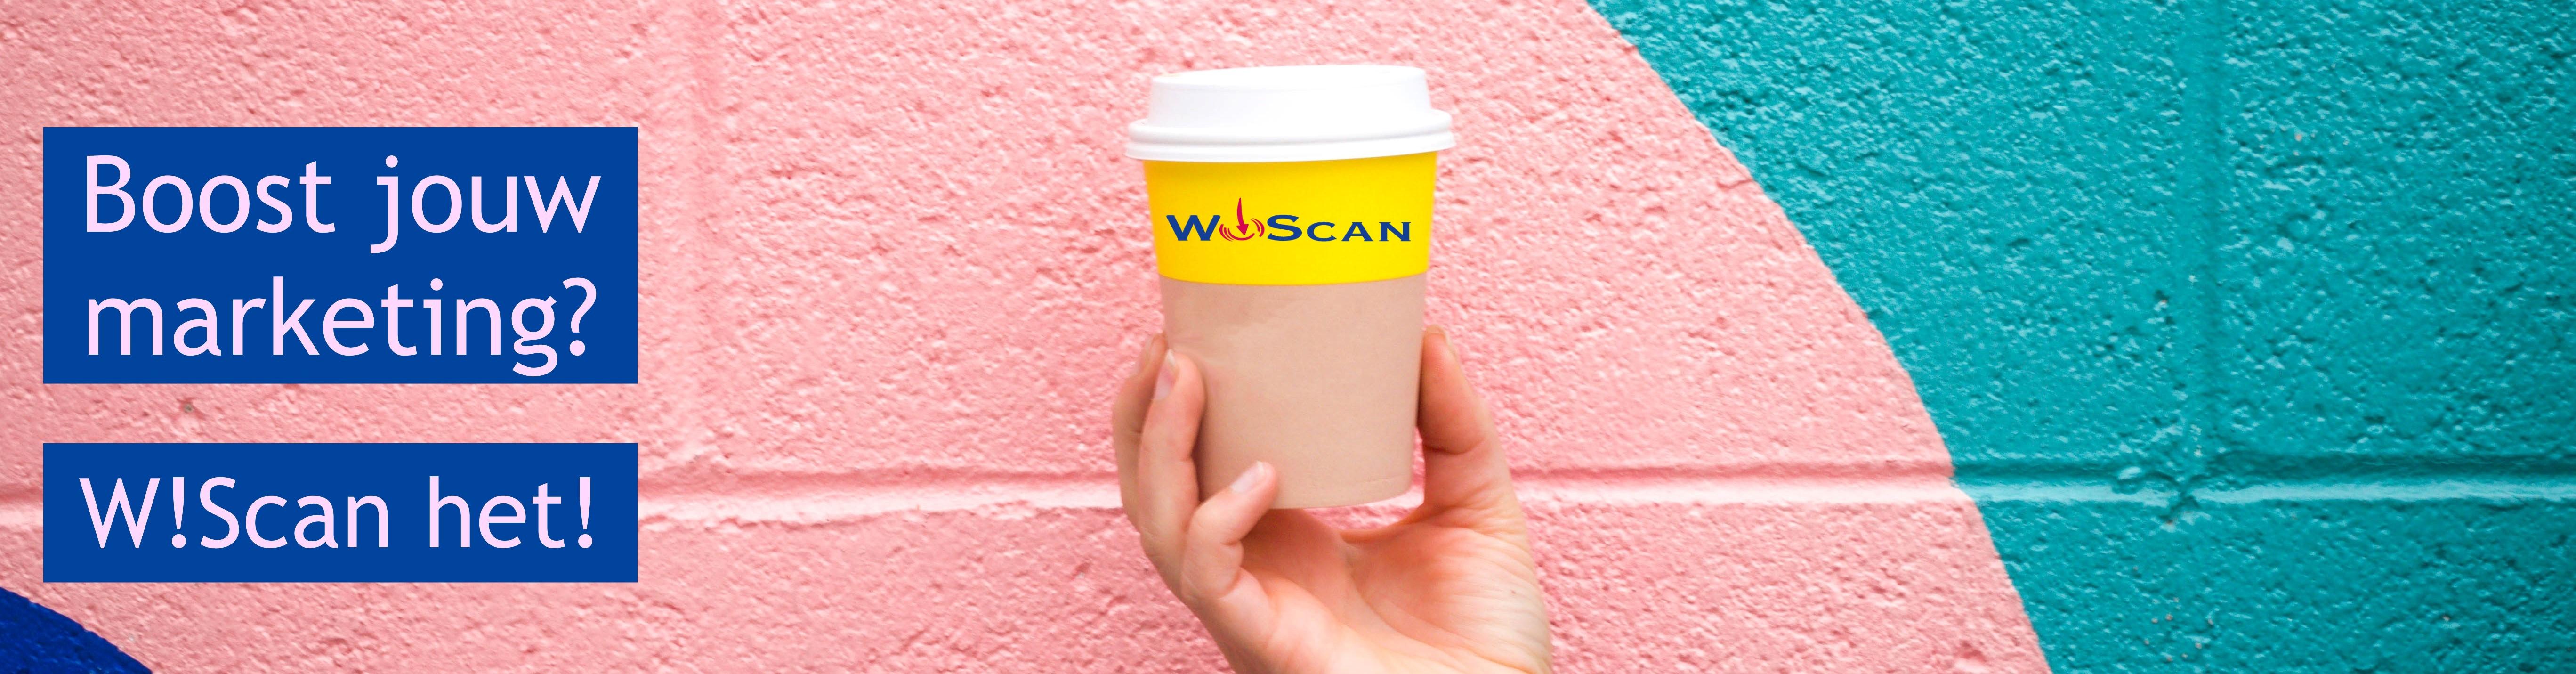 WIScan jou ontzorgen bij jouw marketing.